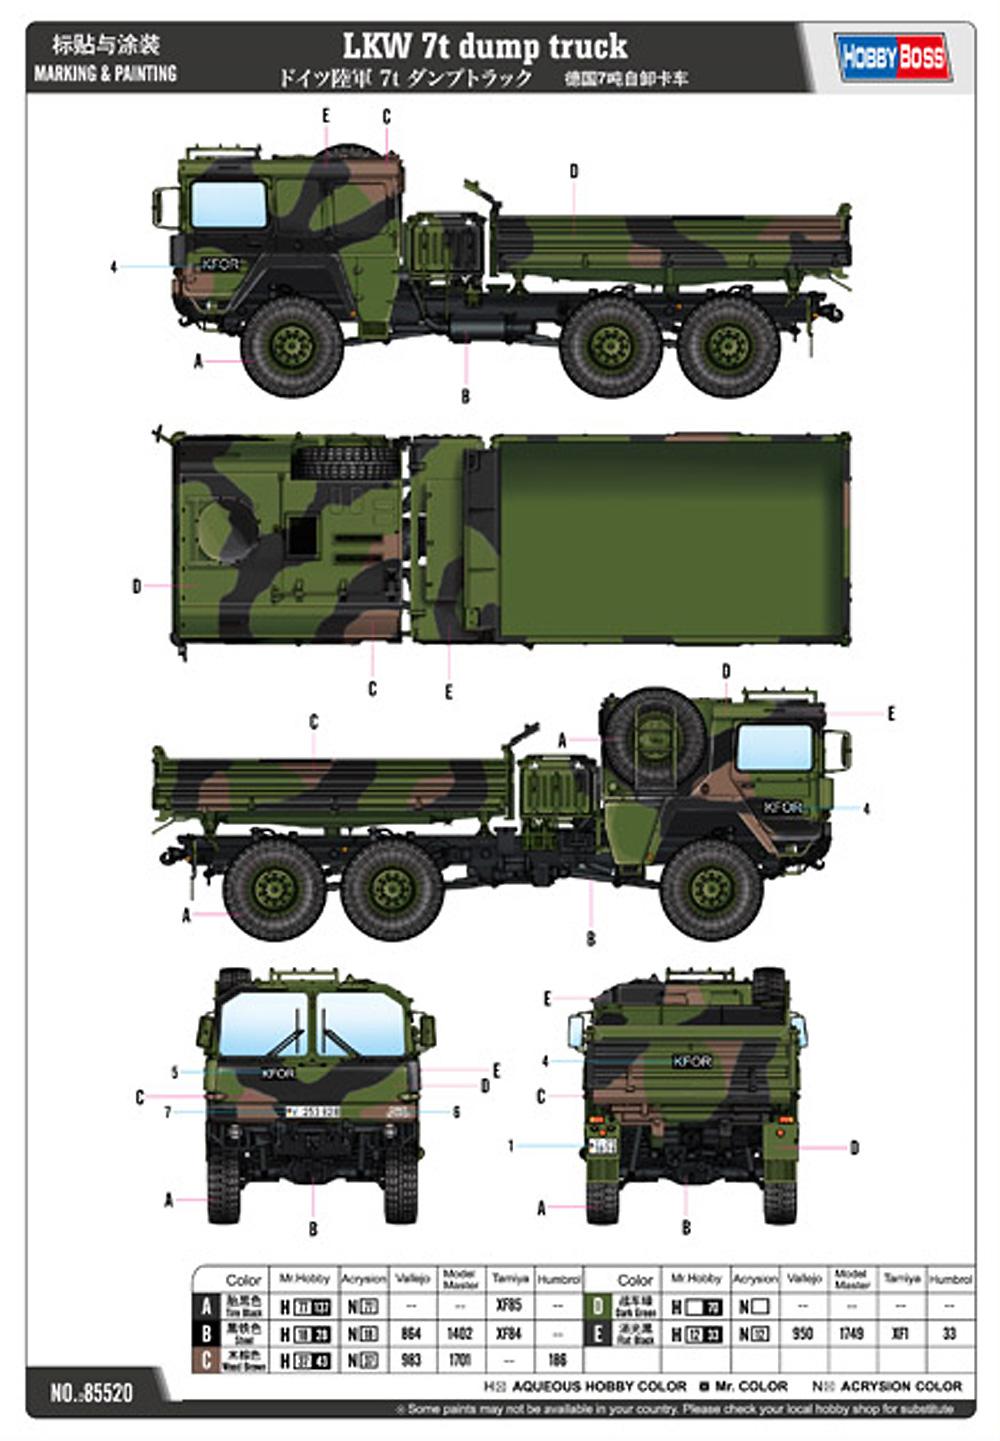 ドイツ陸軍 7t ダンプトラックプラモデル(ホビーボス1/35 ファイティングビークル シリーズNo.85520)商品画像_1